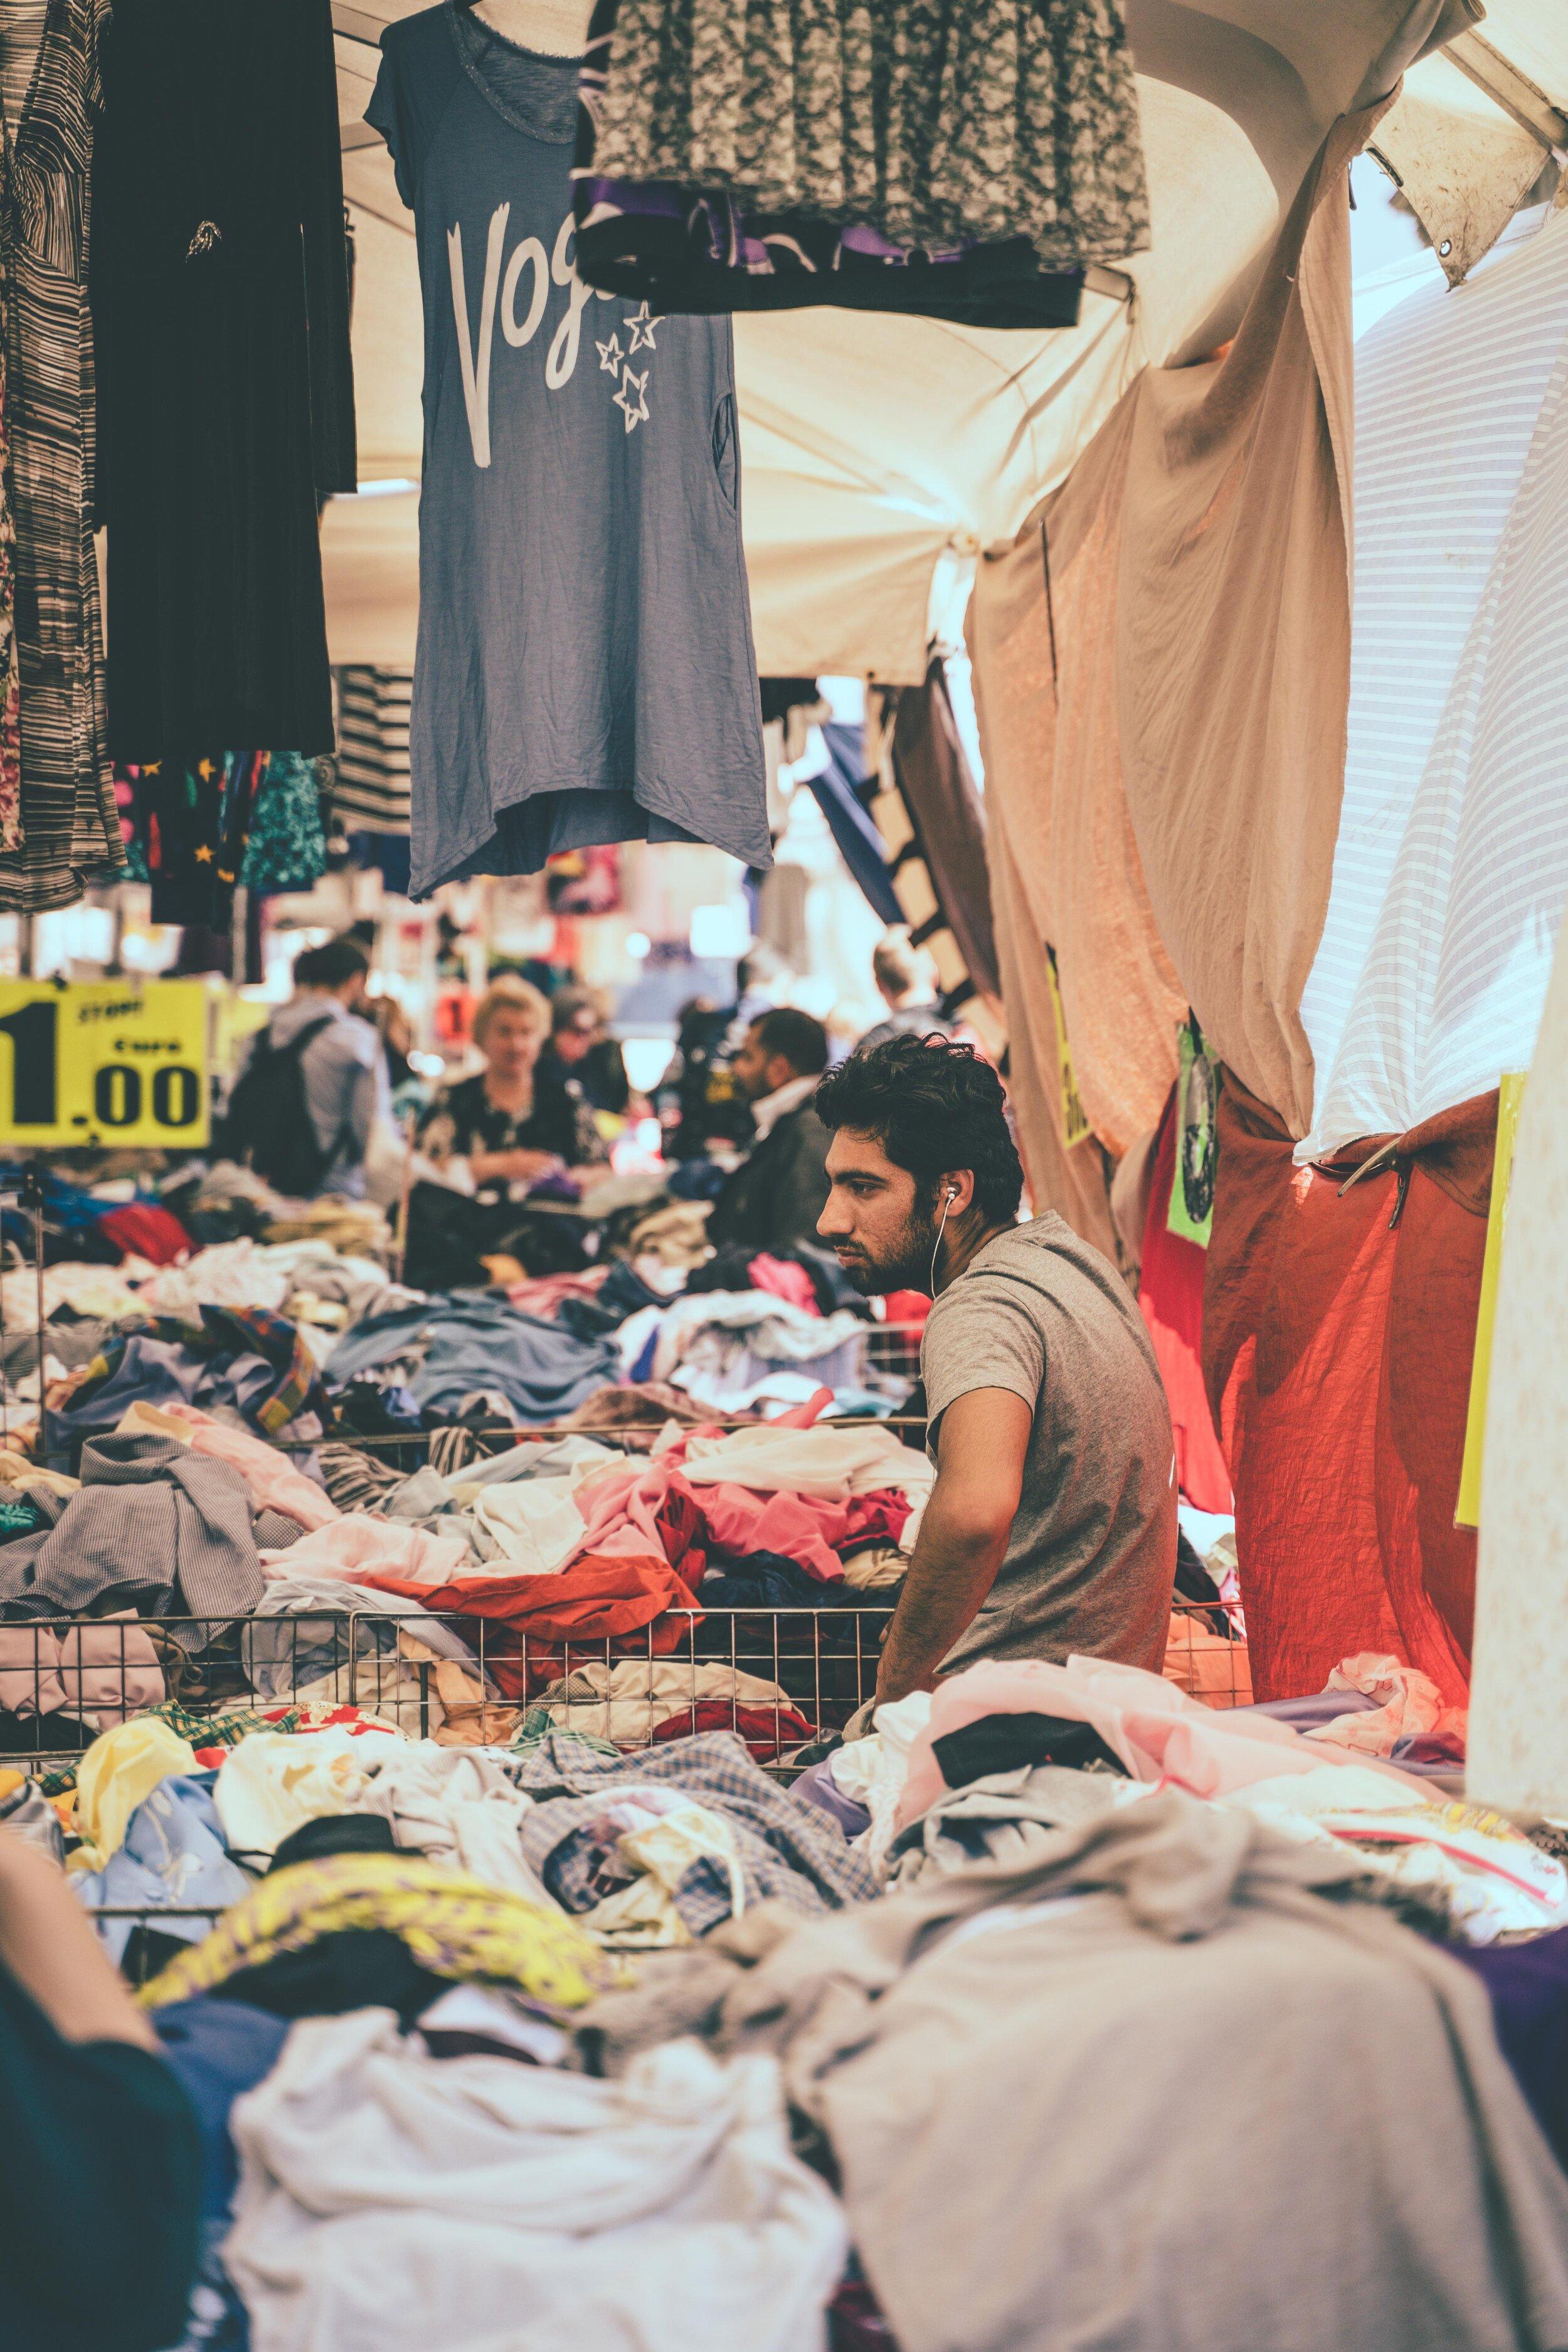 vender selling at flea market.jpg